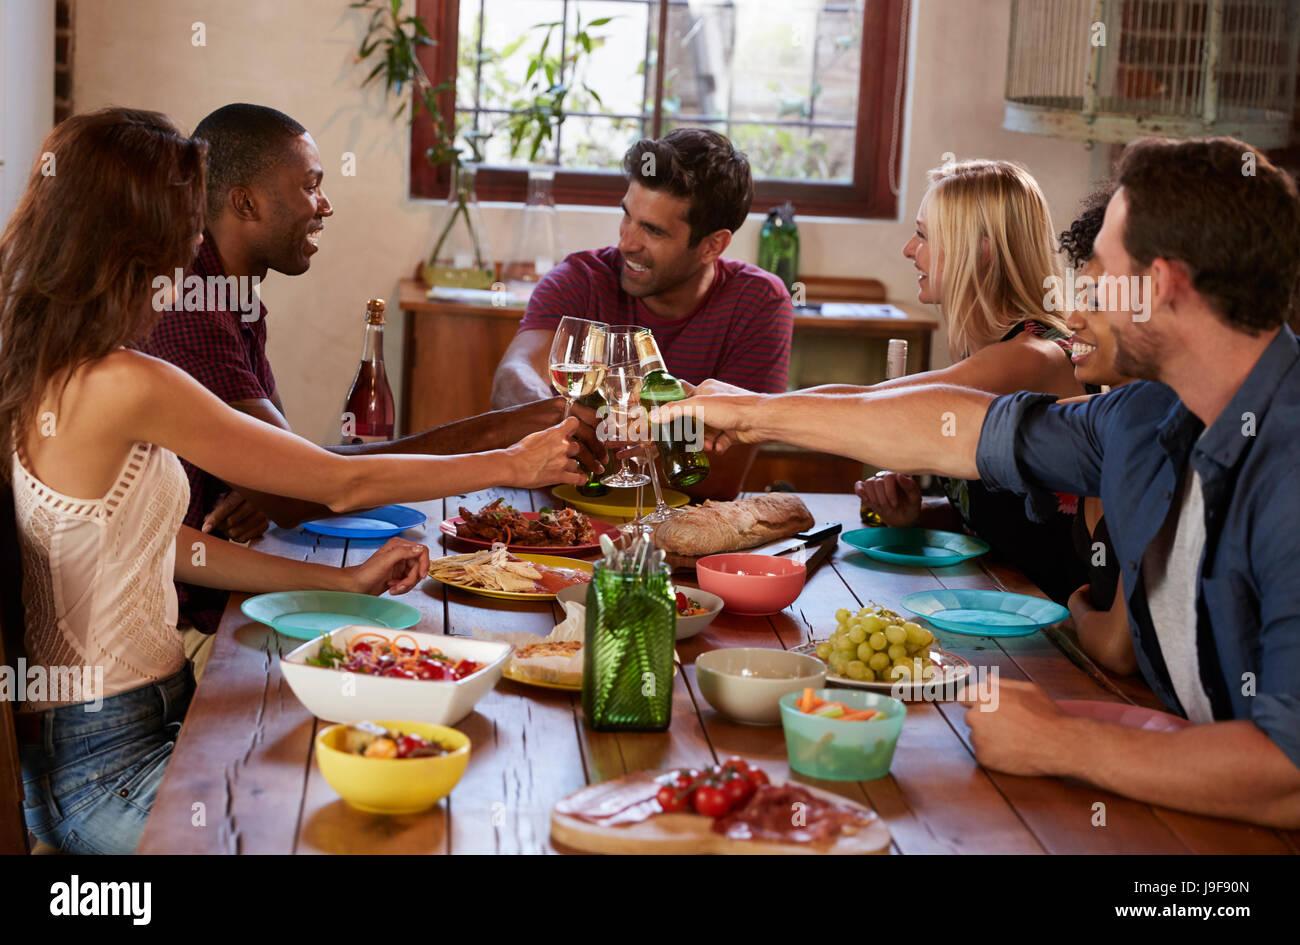 Sechs junge Erwachsene Freunde machen einen Toast auf einer Dinner-party Stockbild